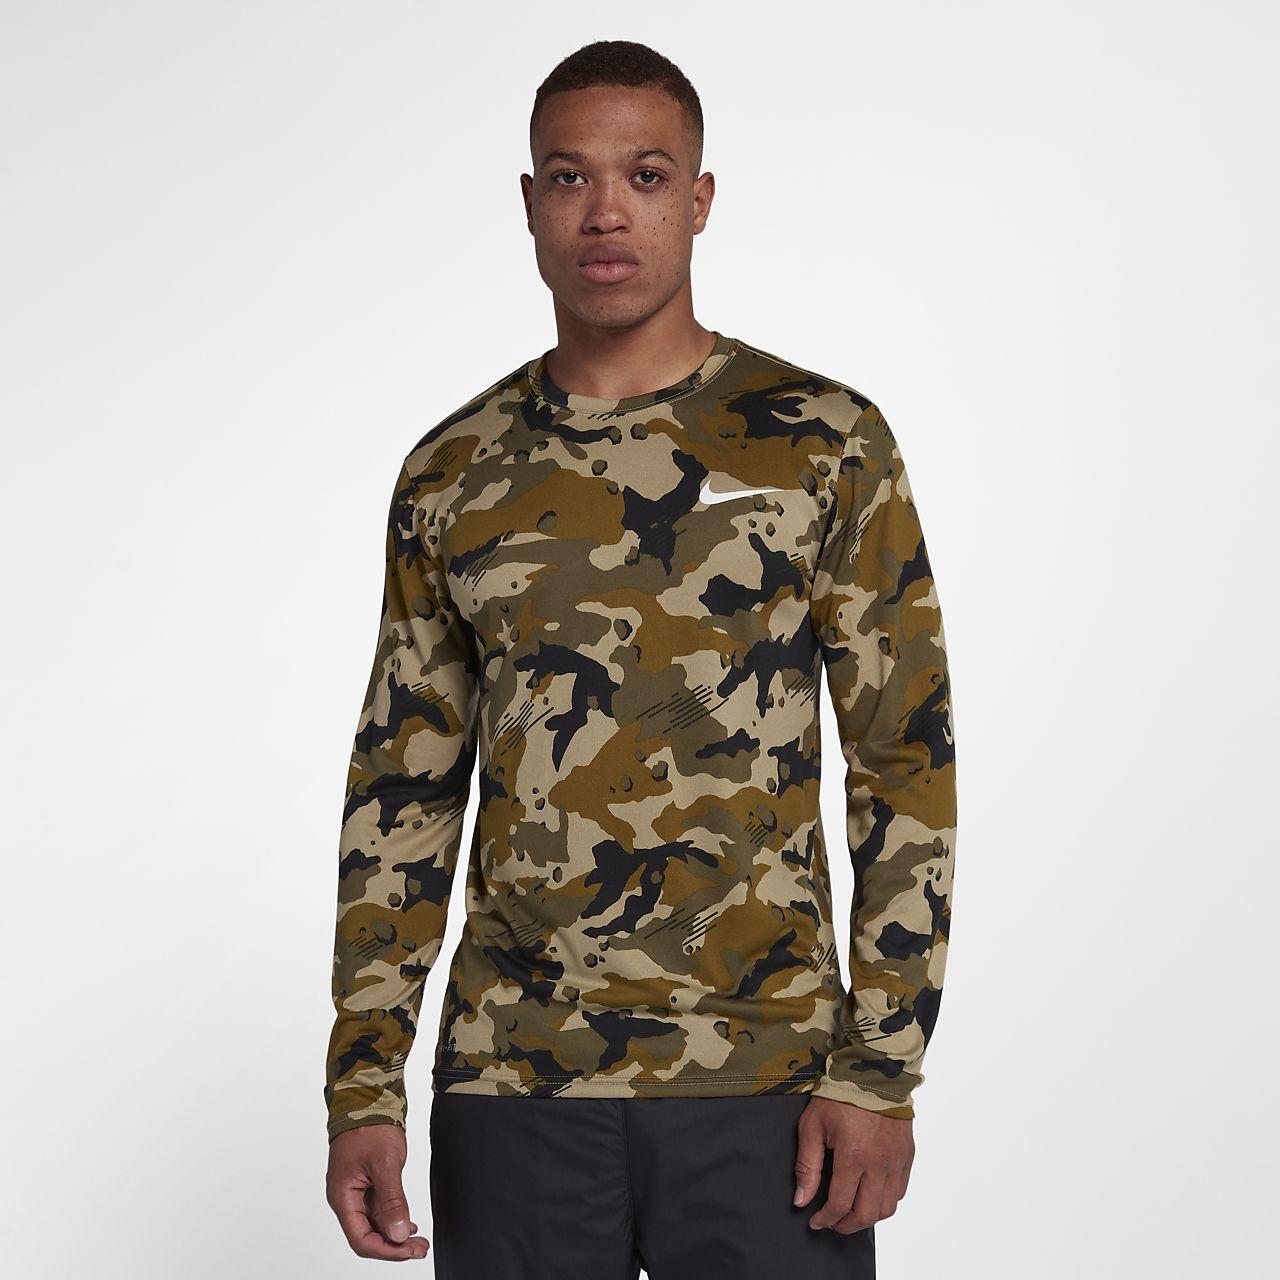 Ανδρική μακρυμάνικη μπλούζα προπόνησης με μοτίβο παραλλαγής Nike Dri-FIT Legend